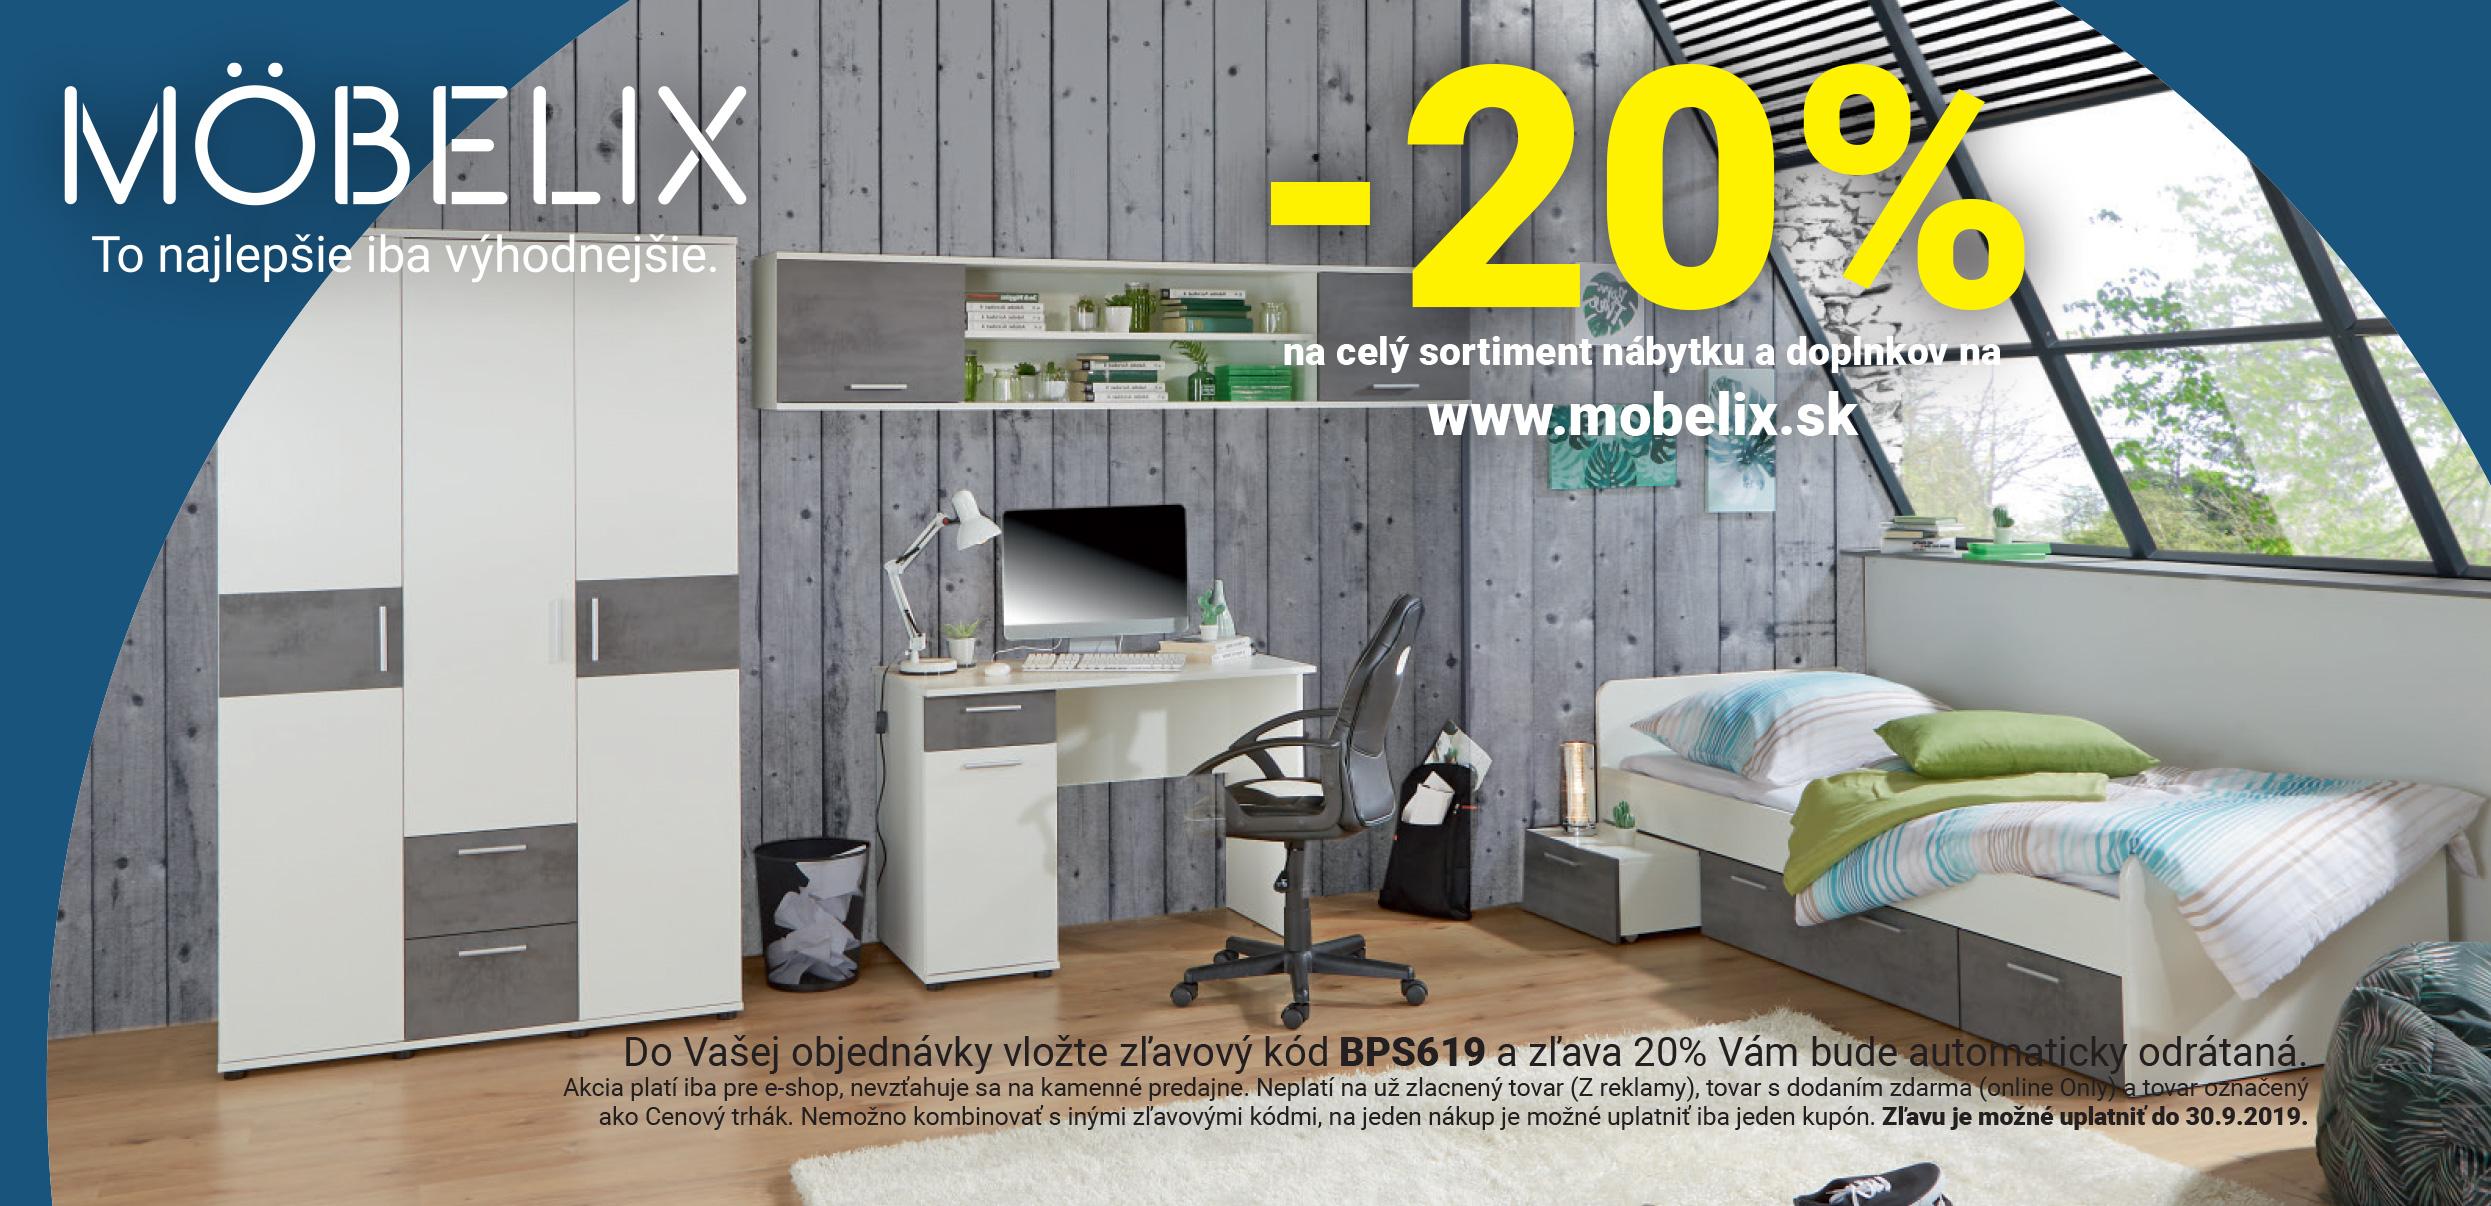 Voucher MOEBELIX in PACHETPLUS network